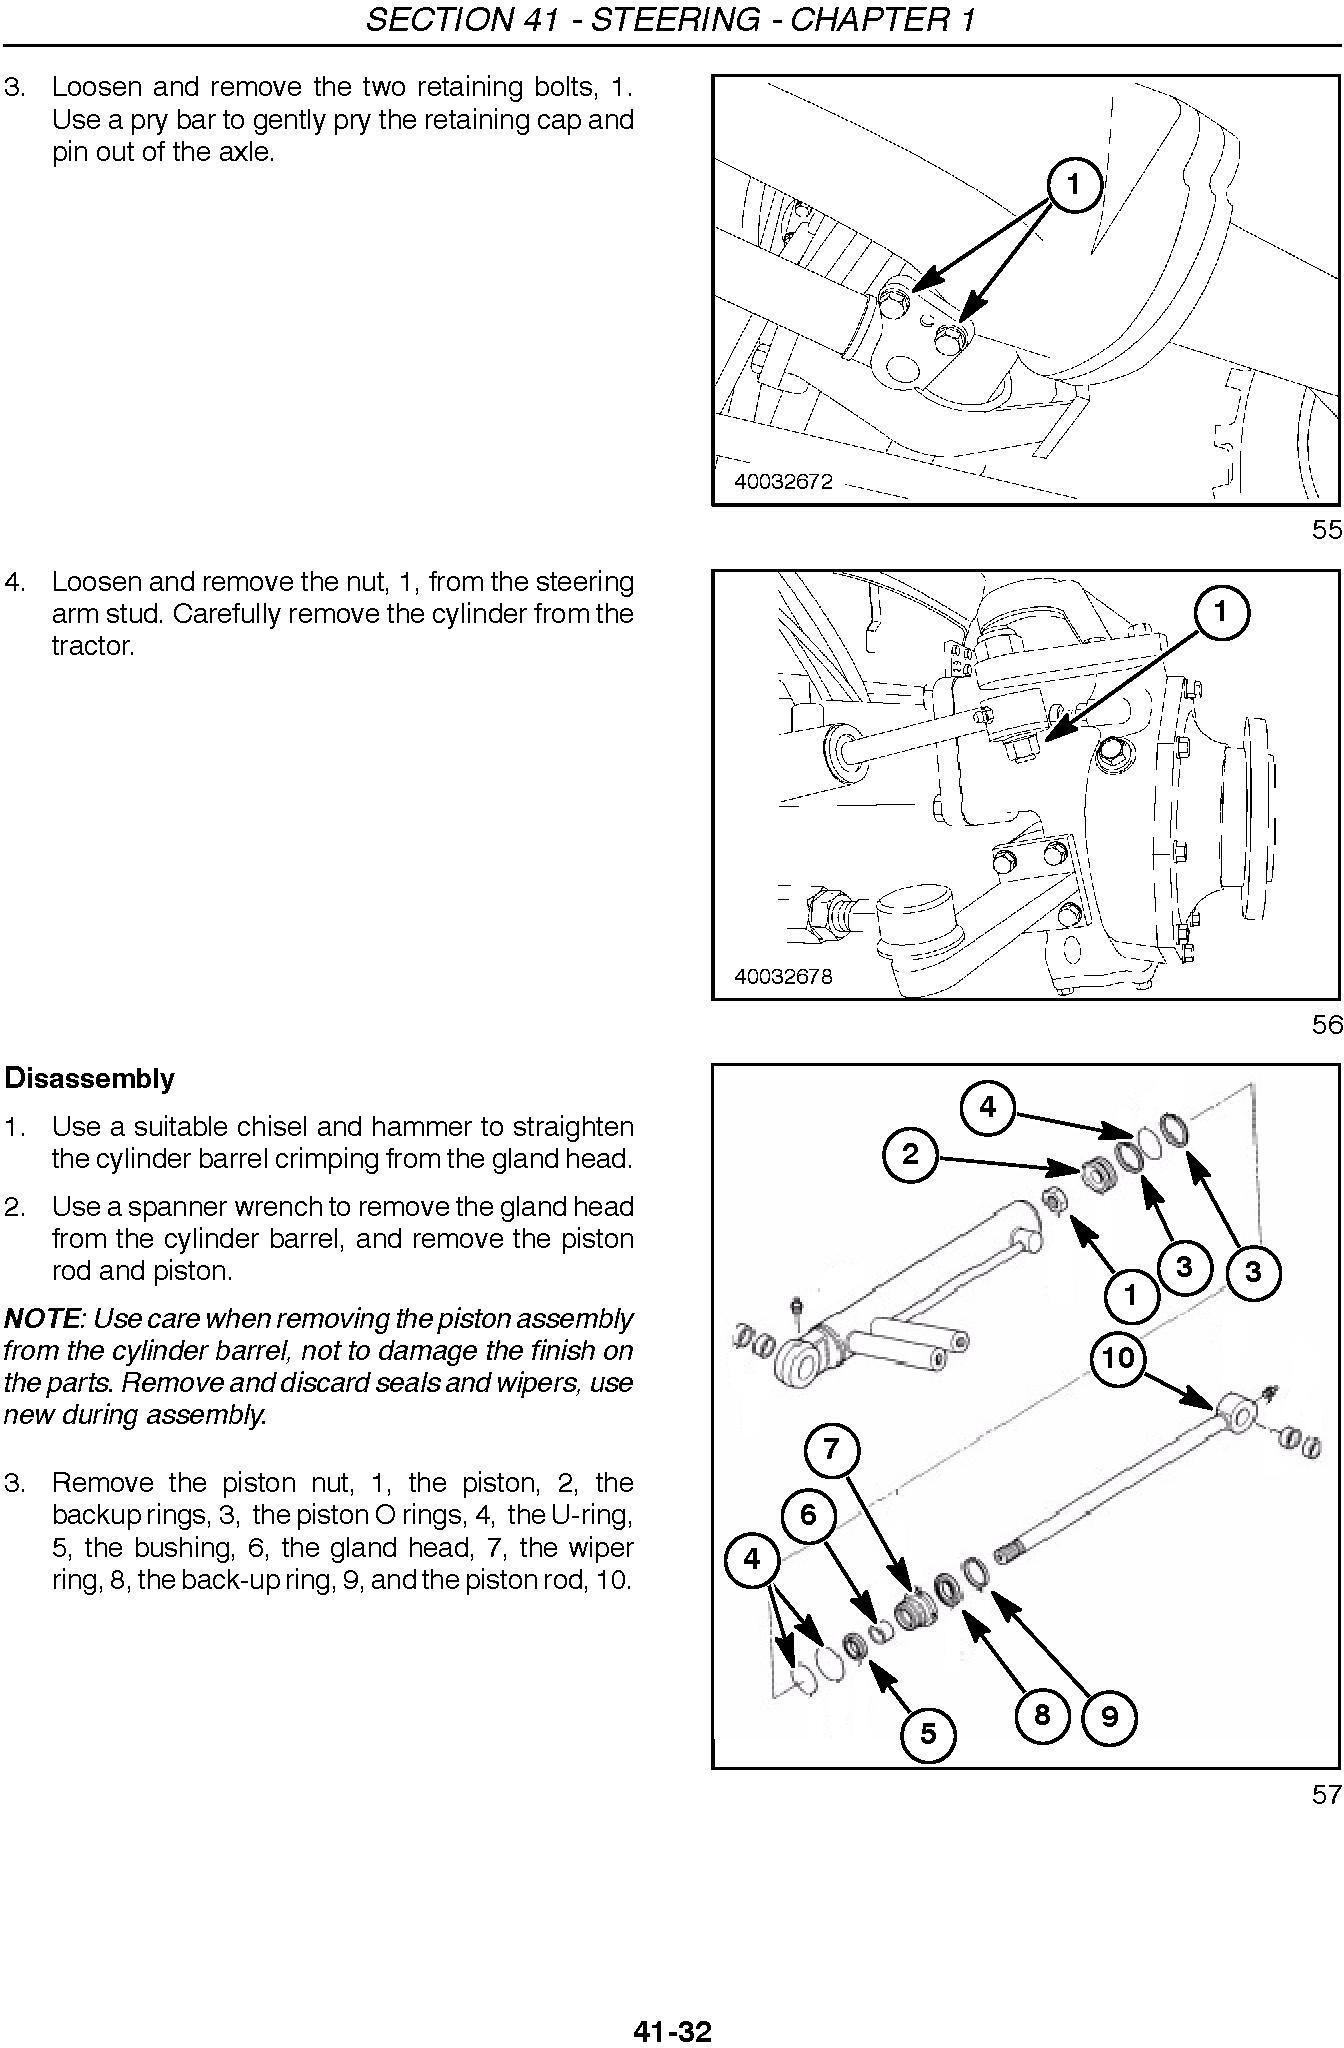 New Holland TC48DA, TC55DA Compact Tractor Complete Service Manual - 3